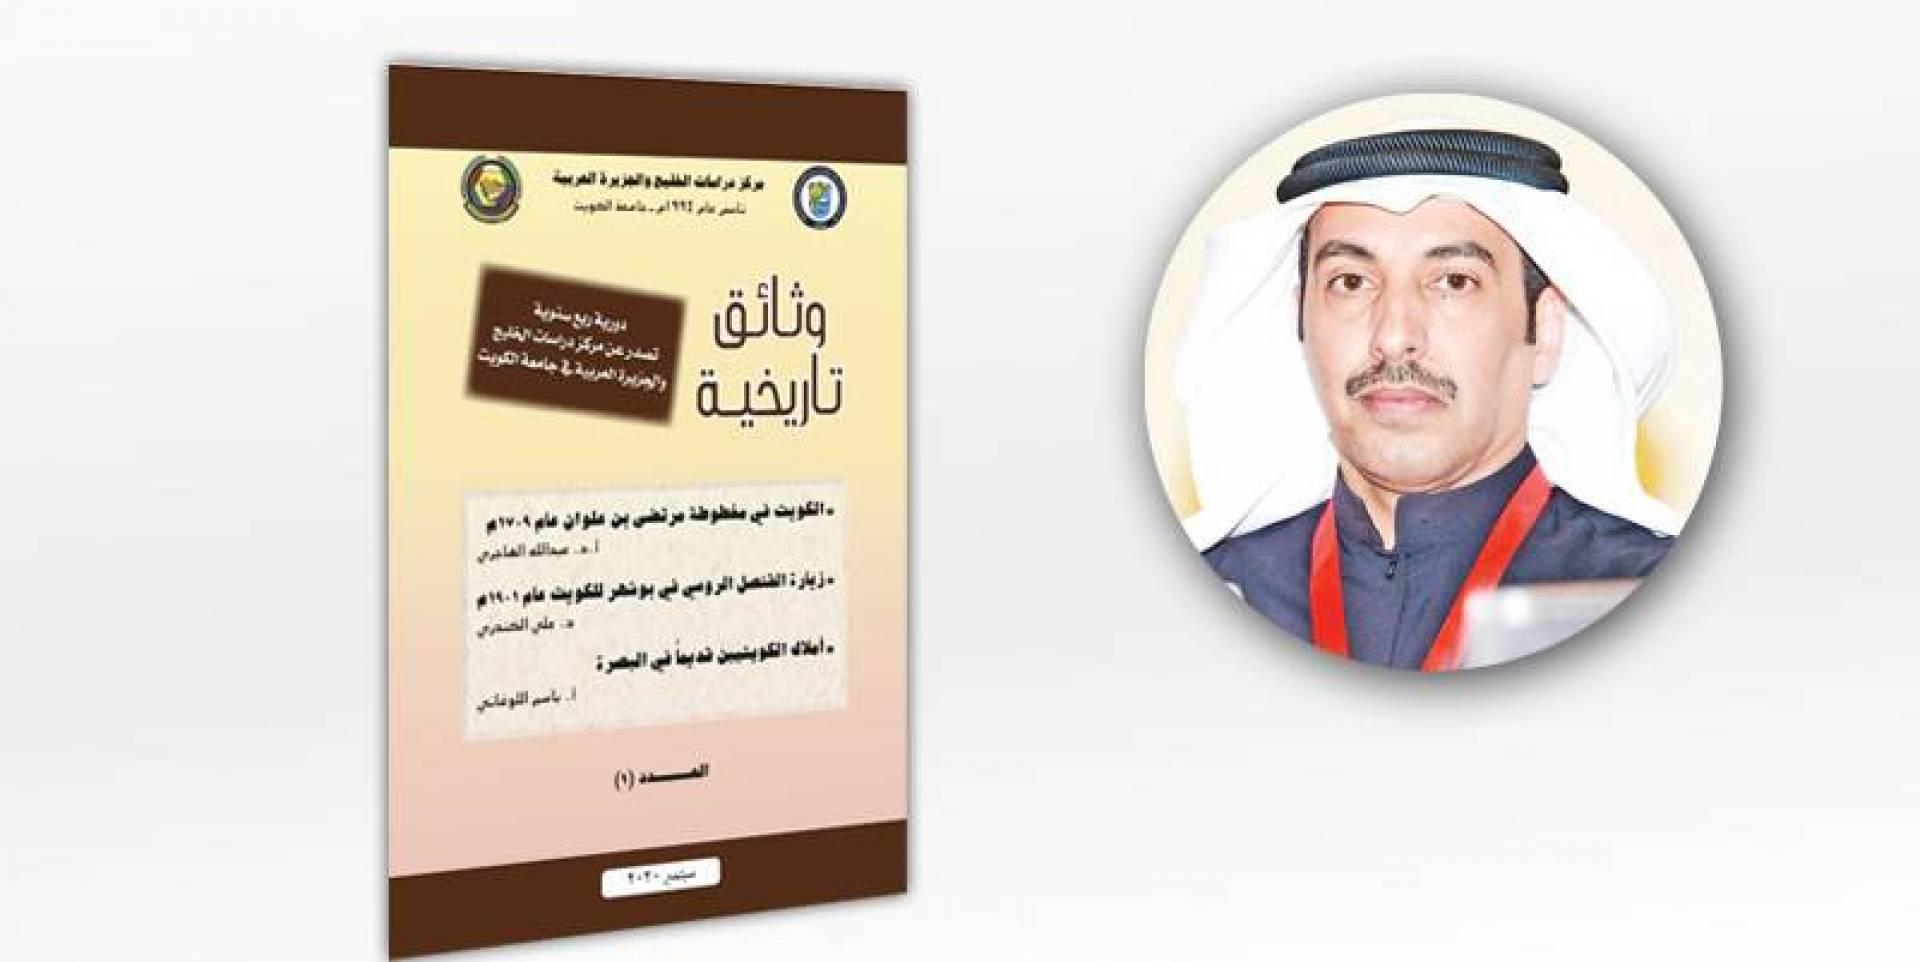 أ. د. عبدالله محمد الهاجري